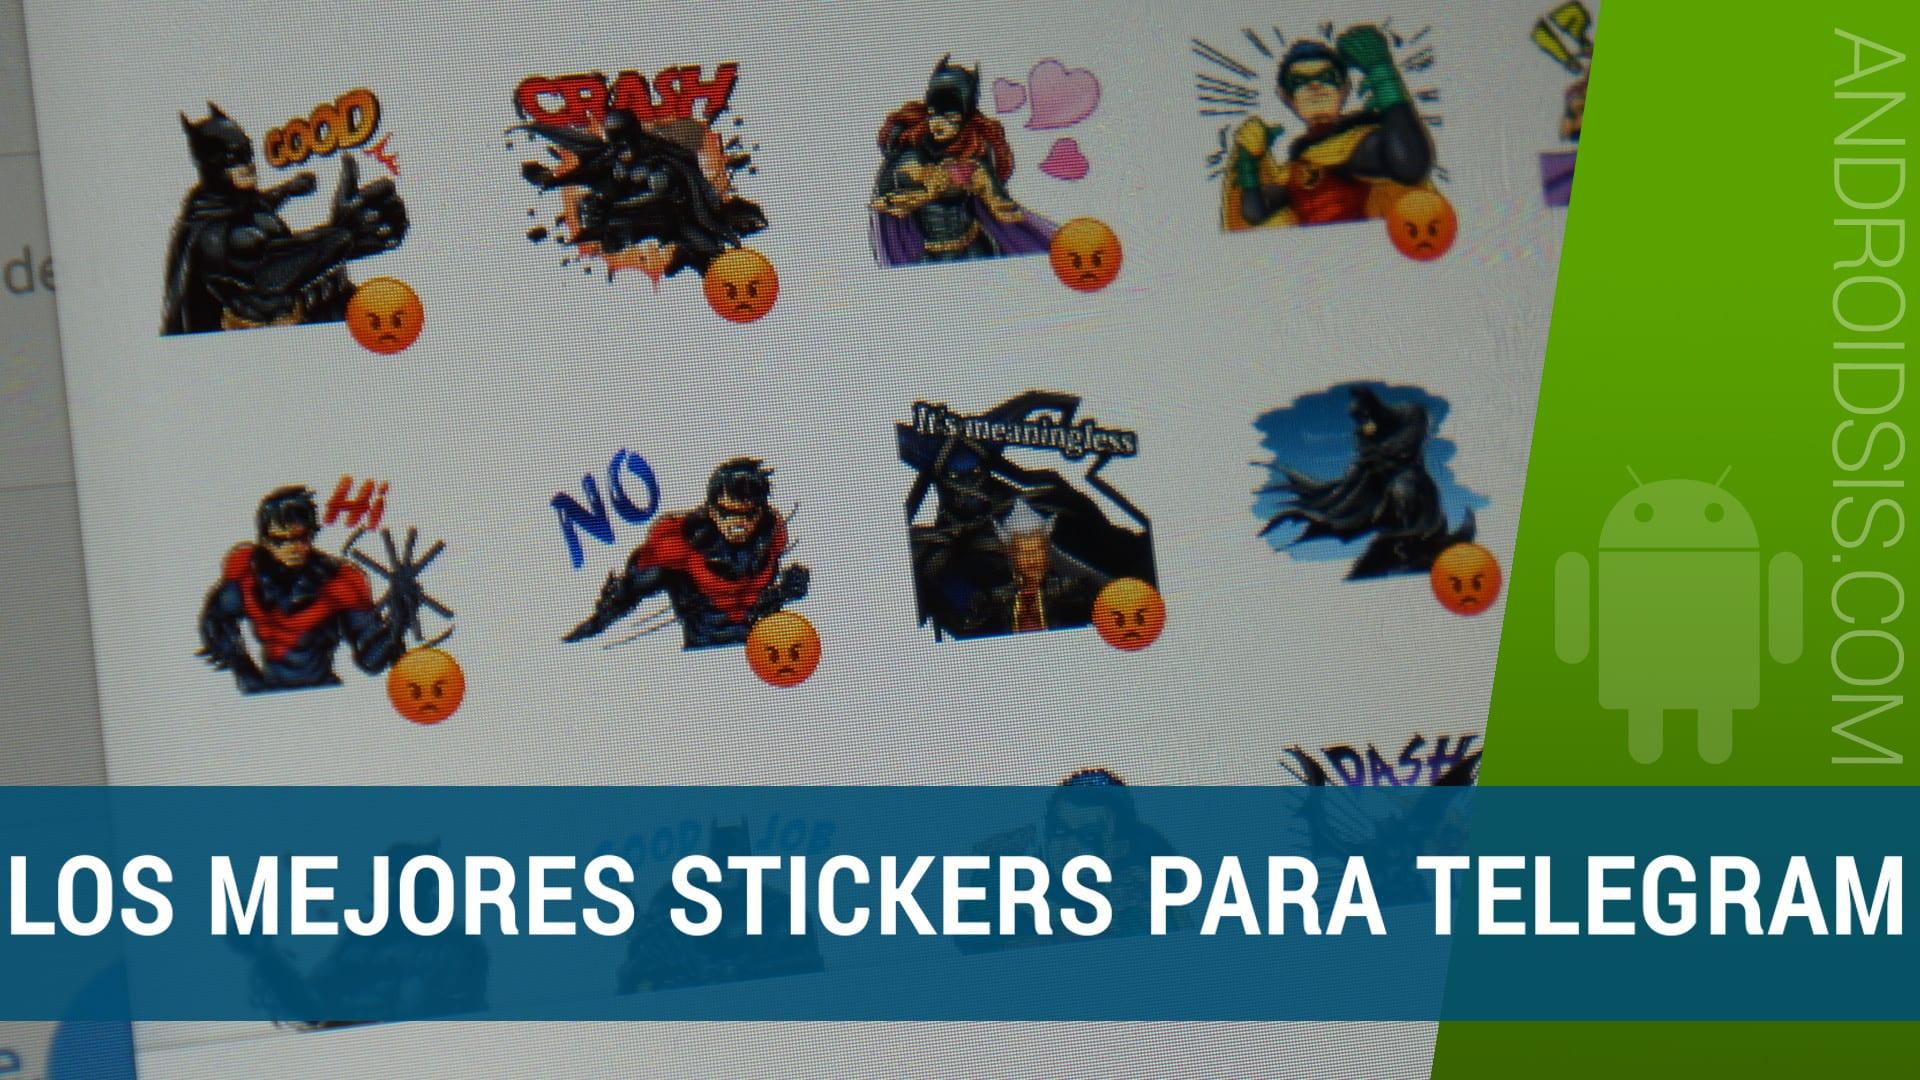 The best stickers Telegram